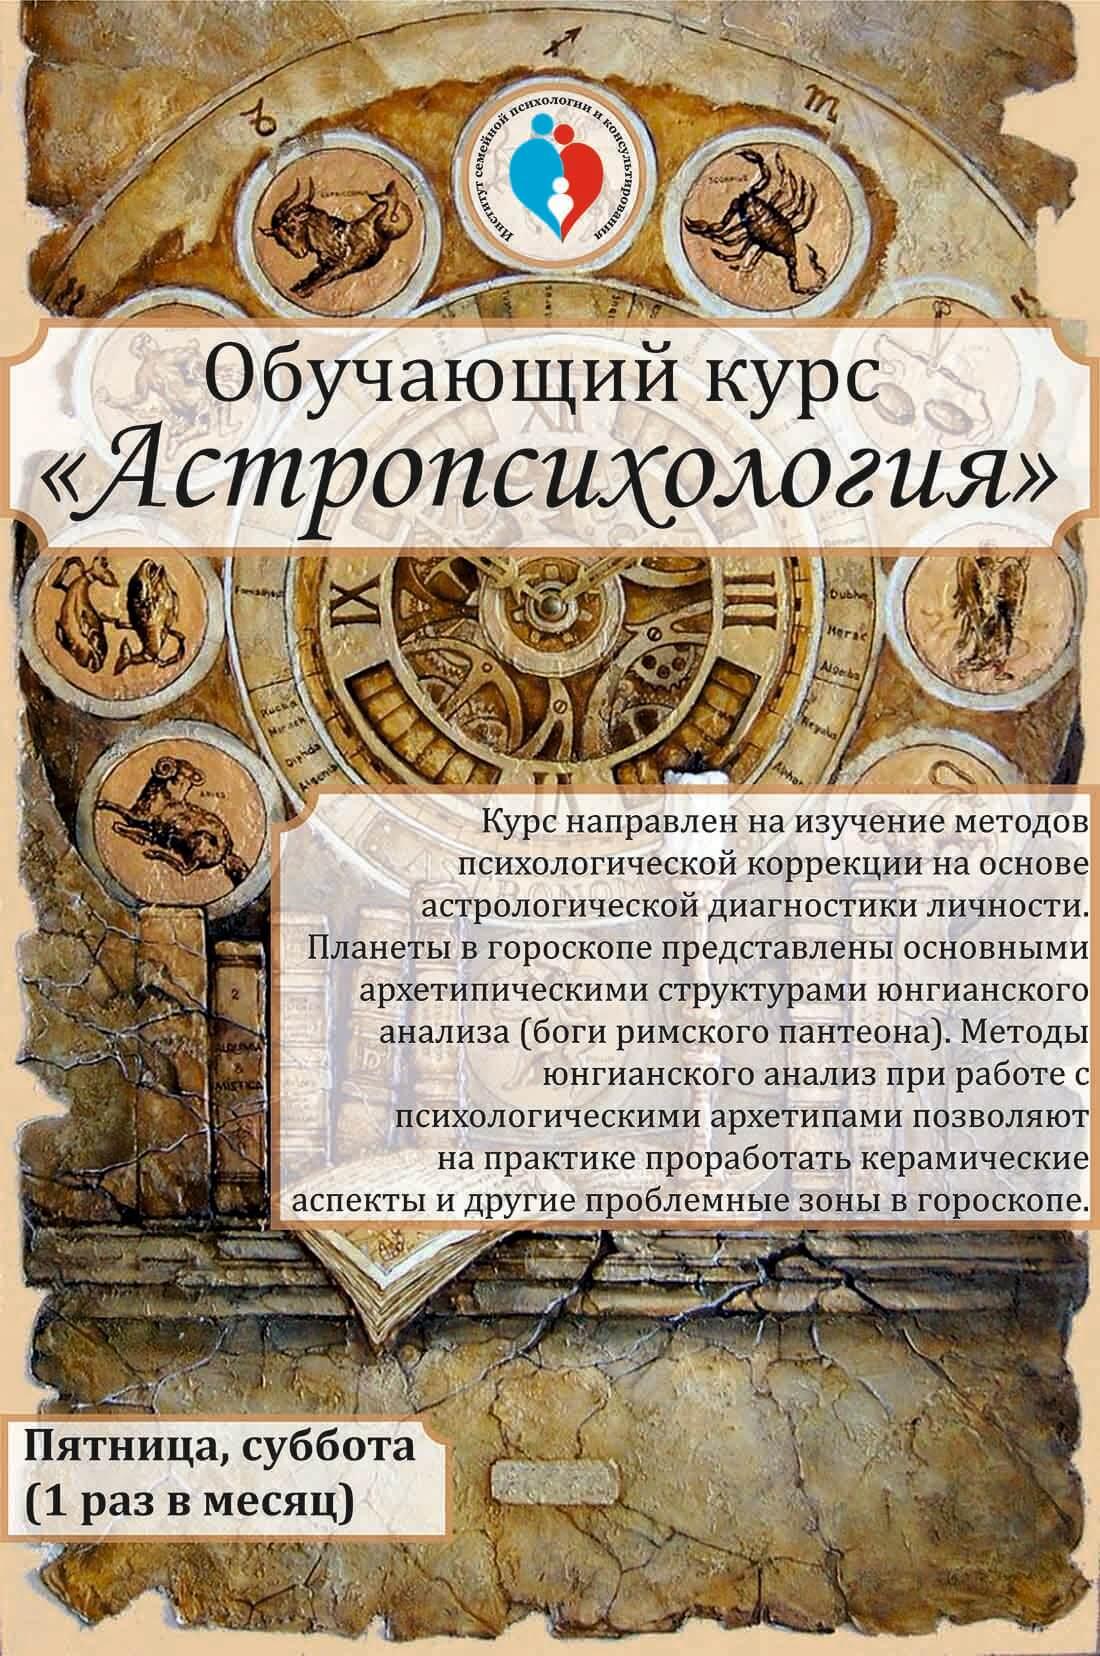 Обучающая программа по астропсихологии